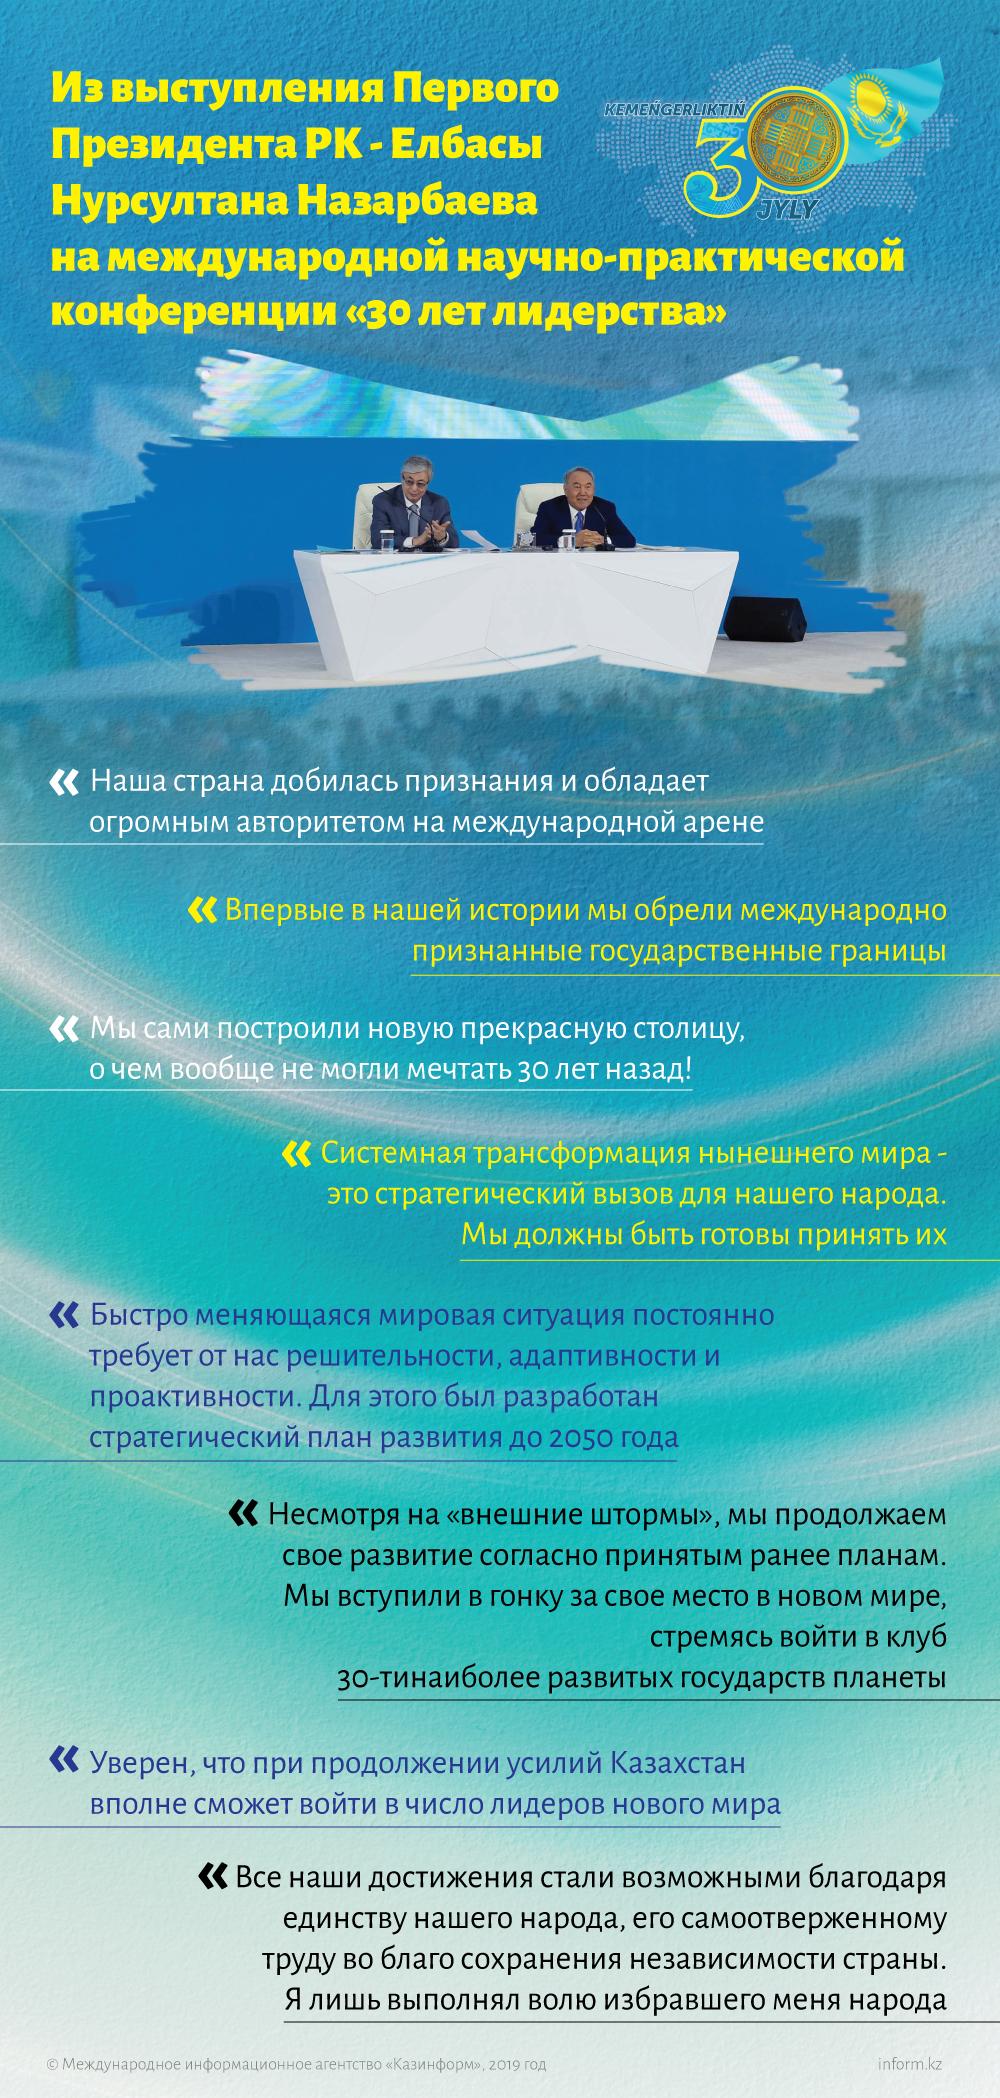 Из выступления Первого Президента РК - Елбасы Нурсултана Назарбаева на международной научно-практической конференции «30 лет лидерства»